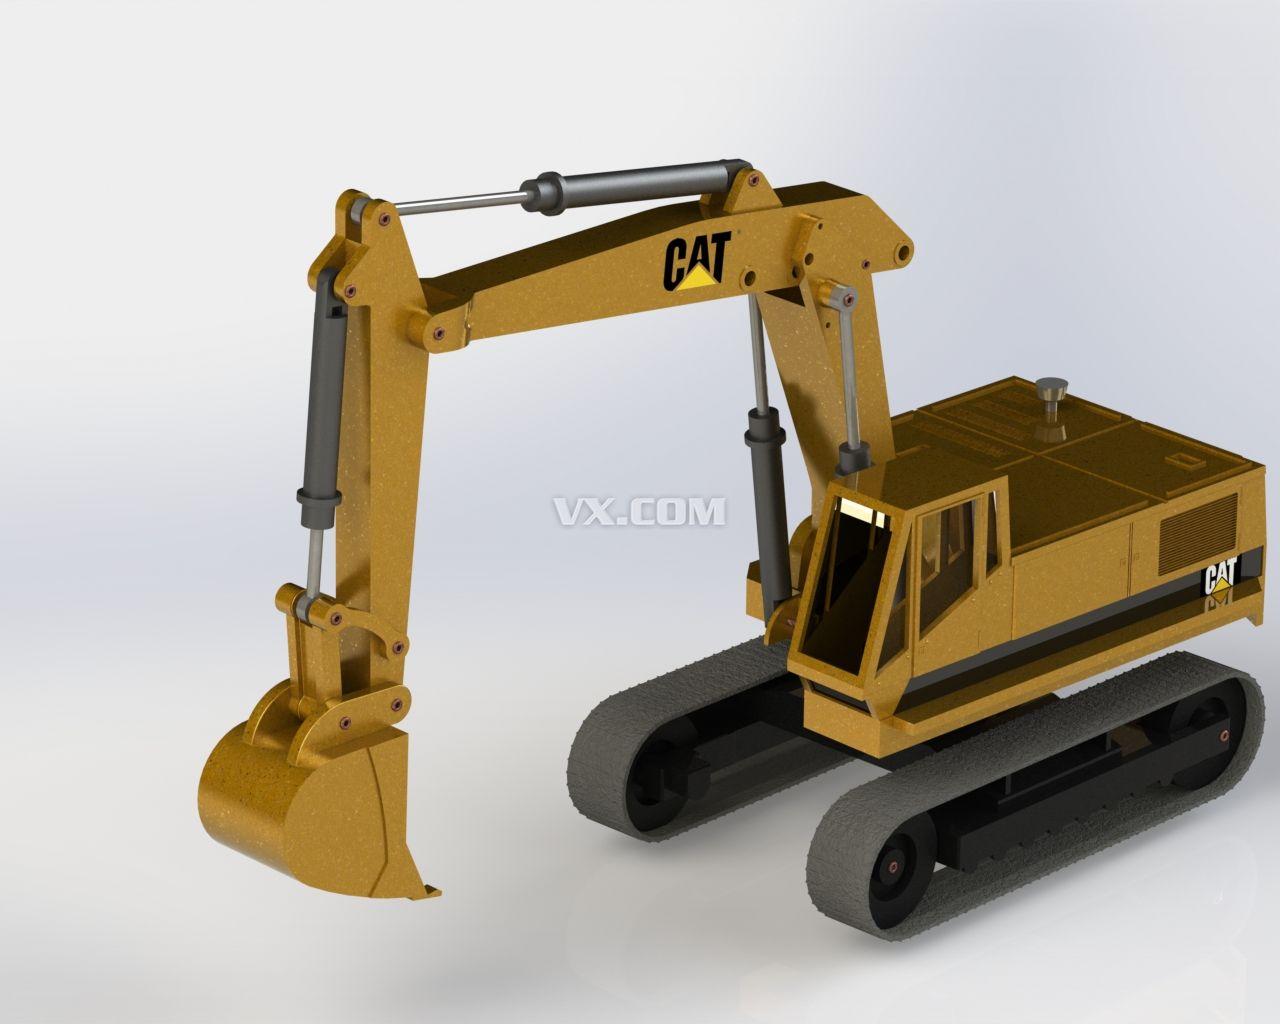 挖掘机_solidworks_机械设备_3d模型_图纸下载_微小网